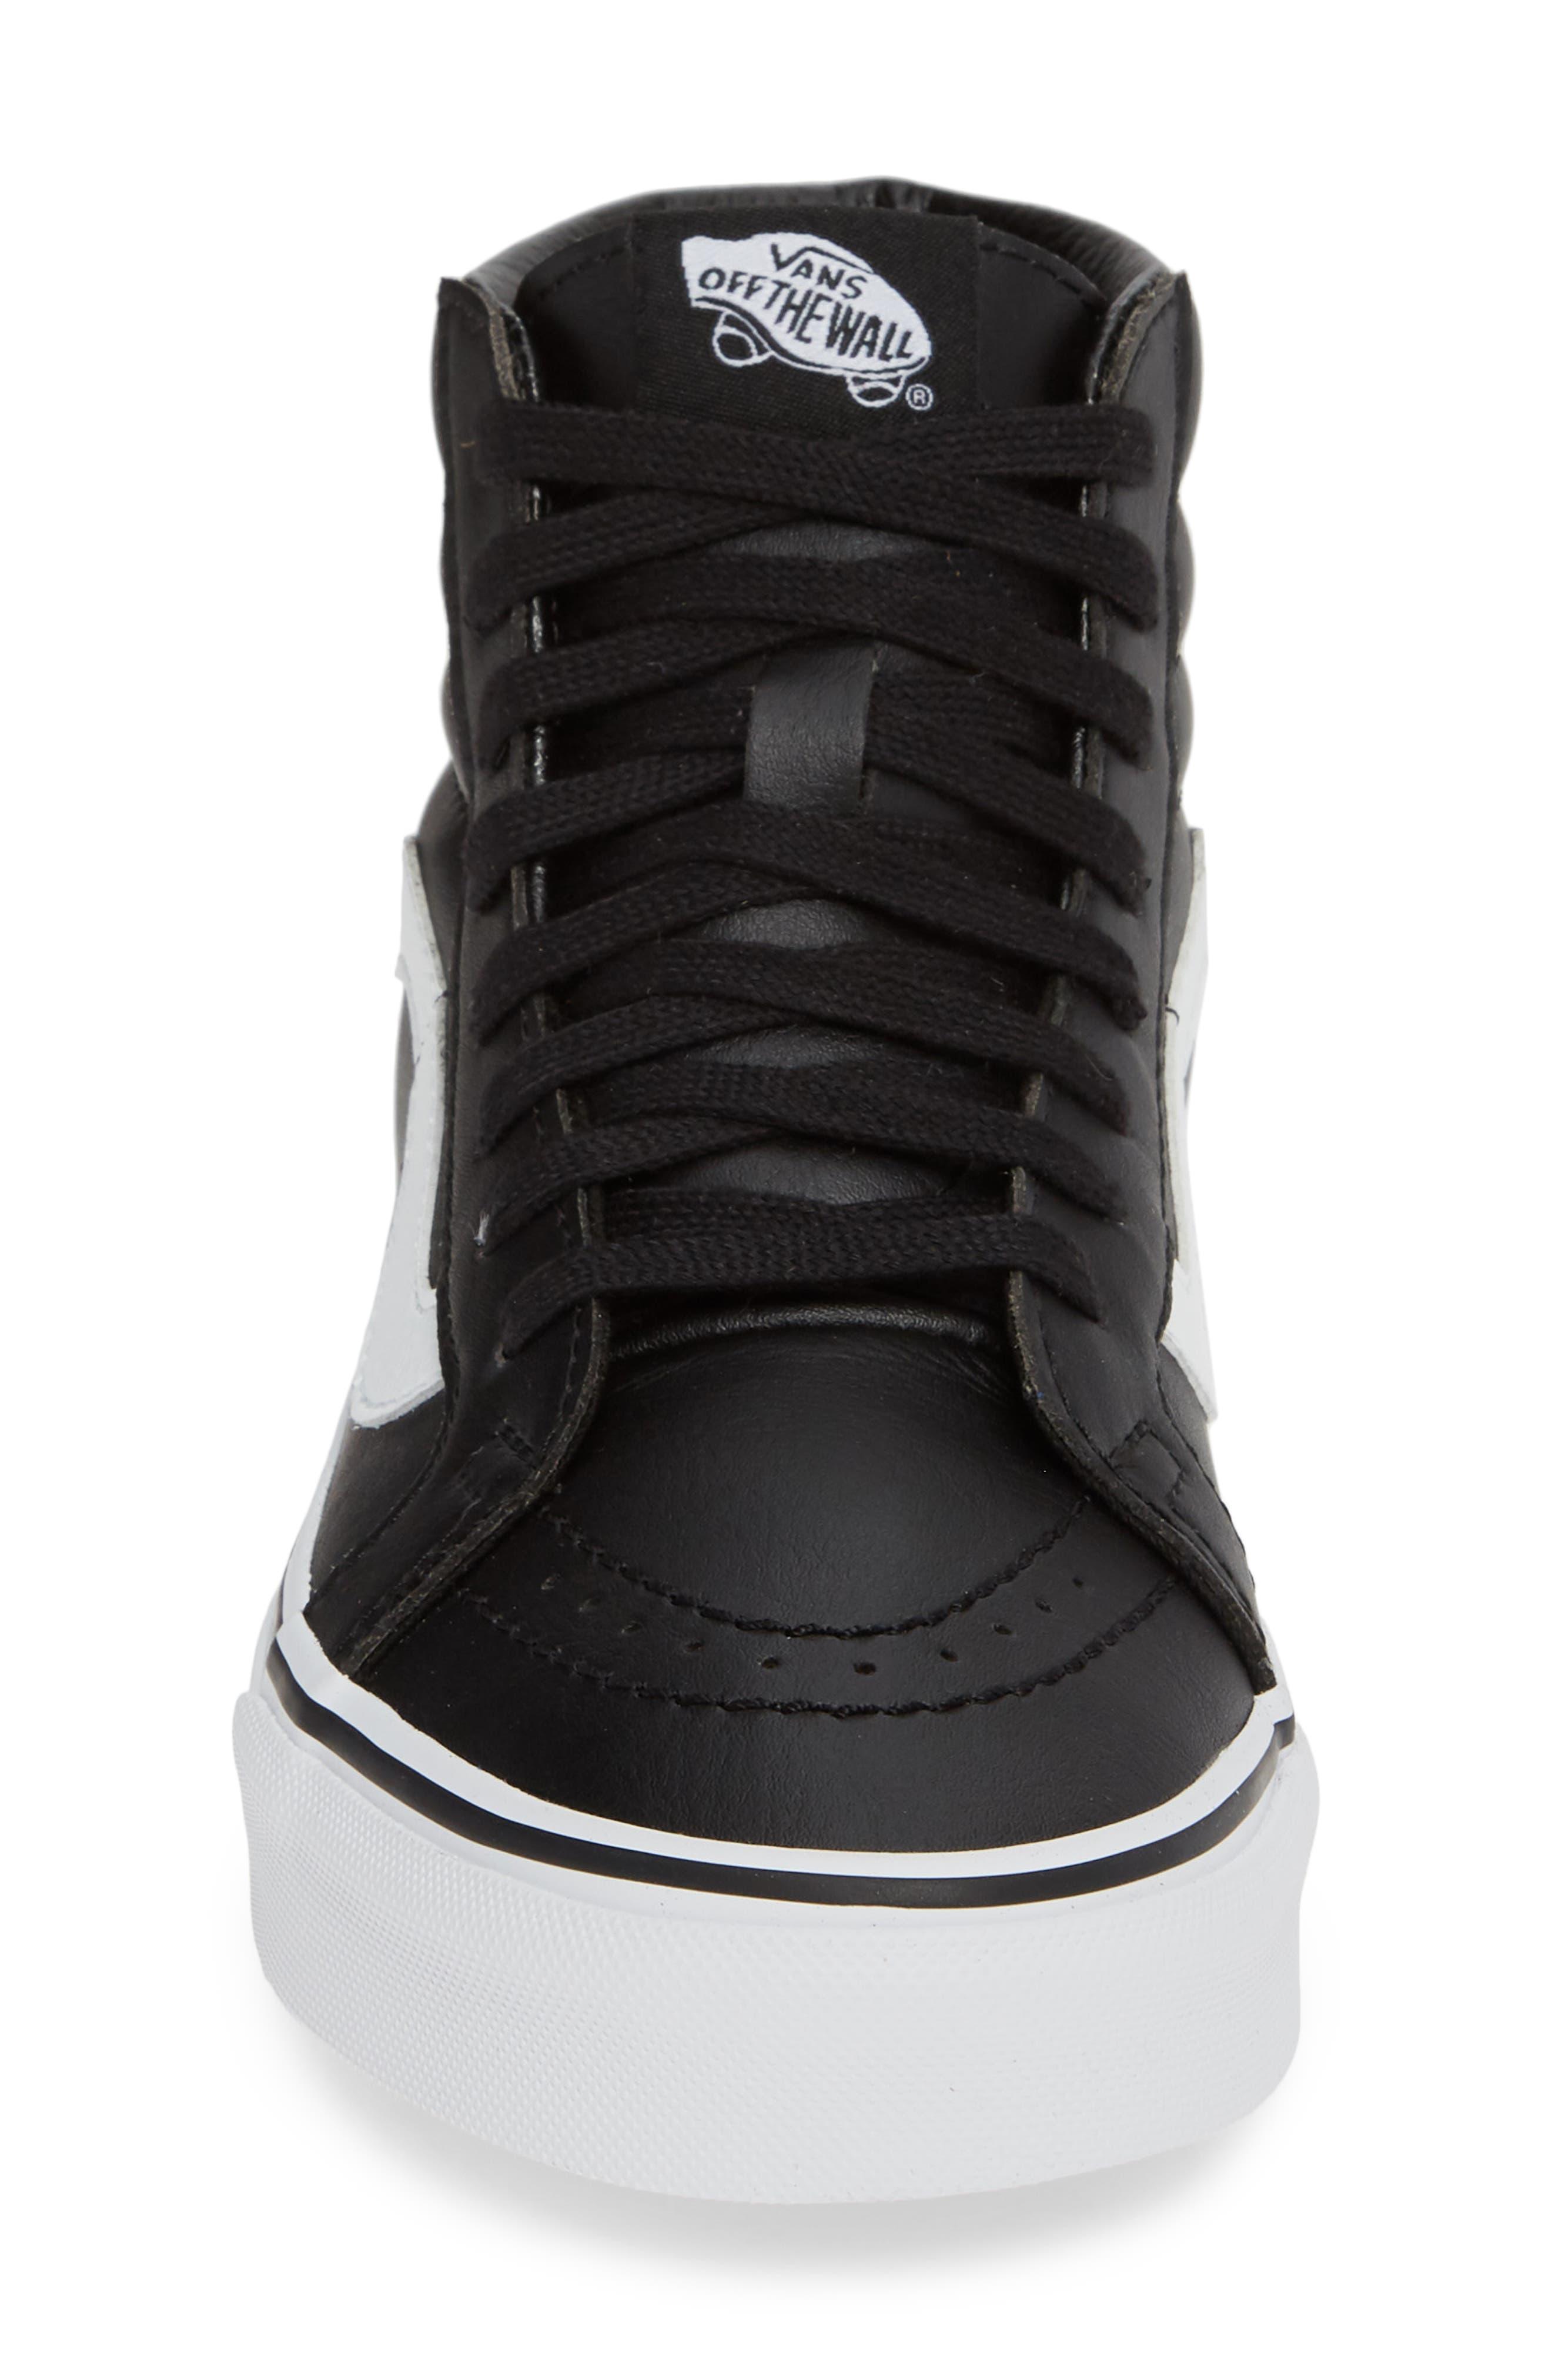 VANS,                             'Sk8-Hi Reissue' Sneaker,                             Alternate thumbnail 4, color,                             BLACK/ TRUE WHITE